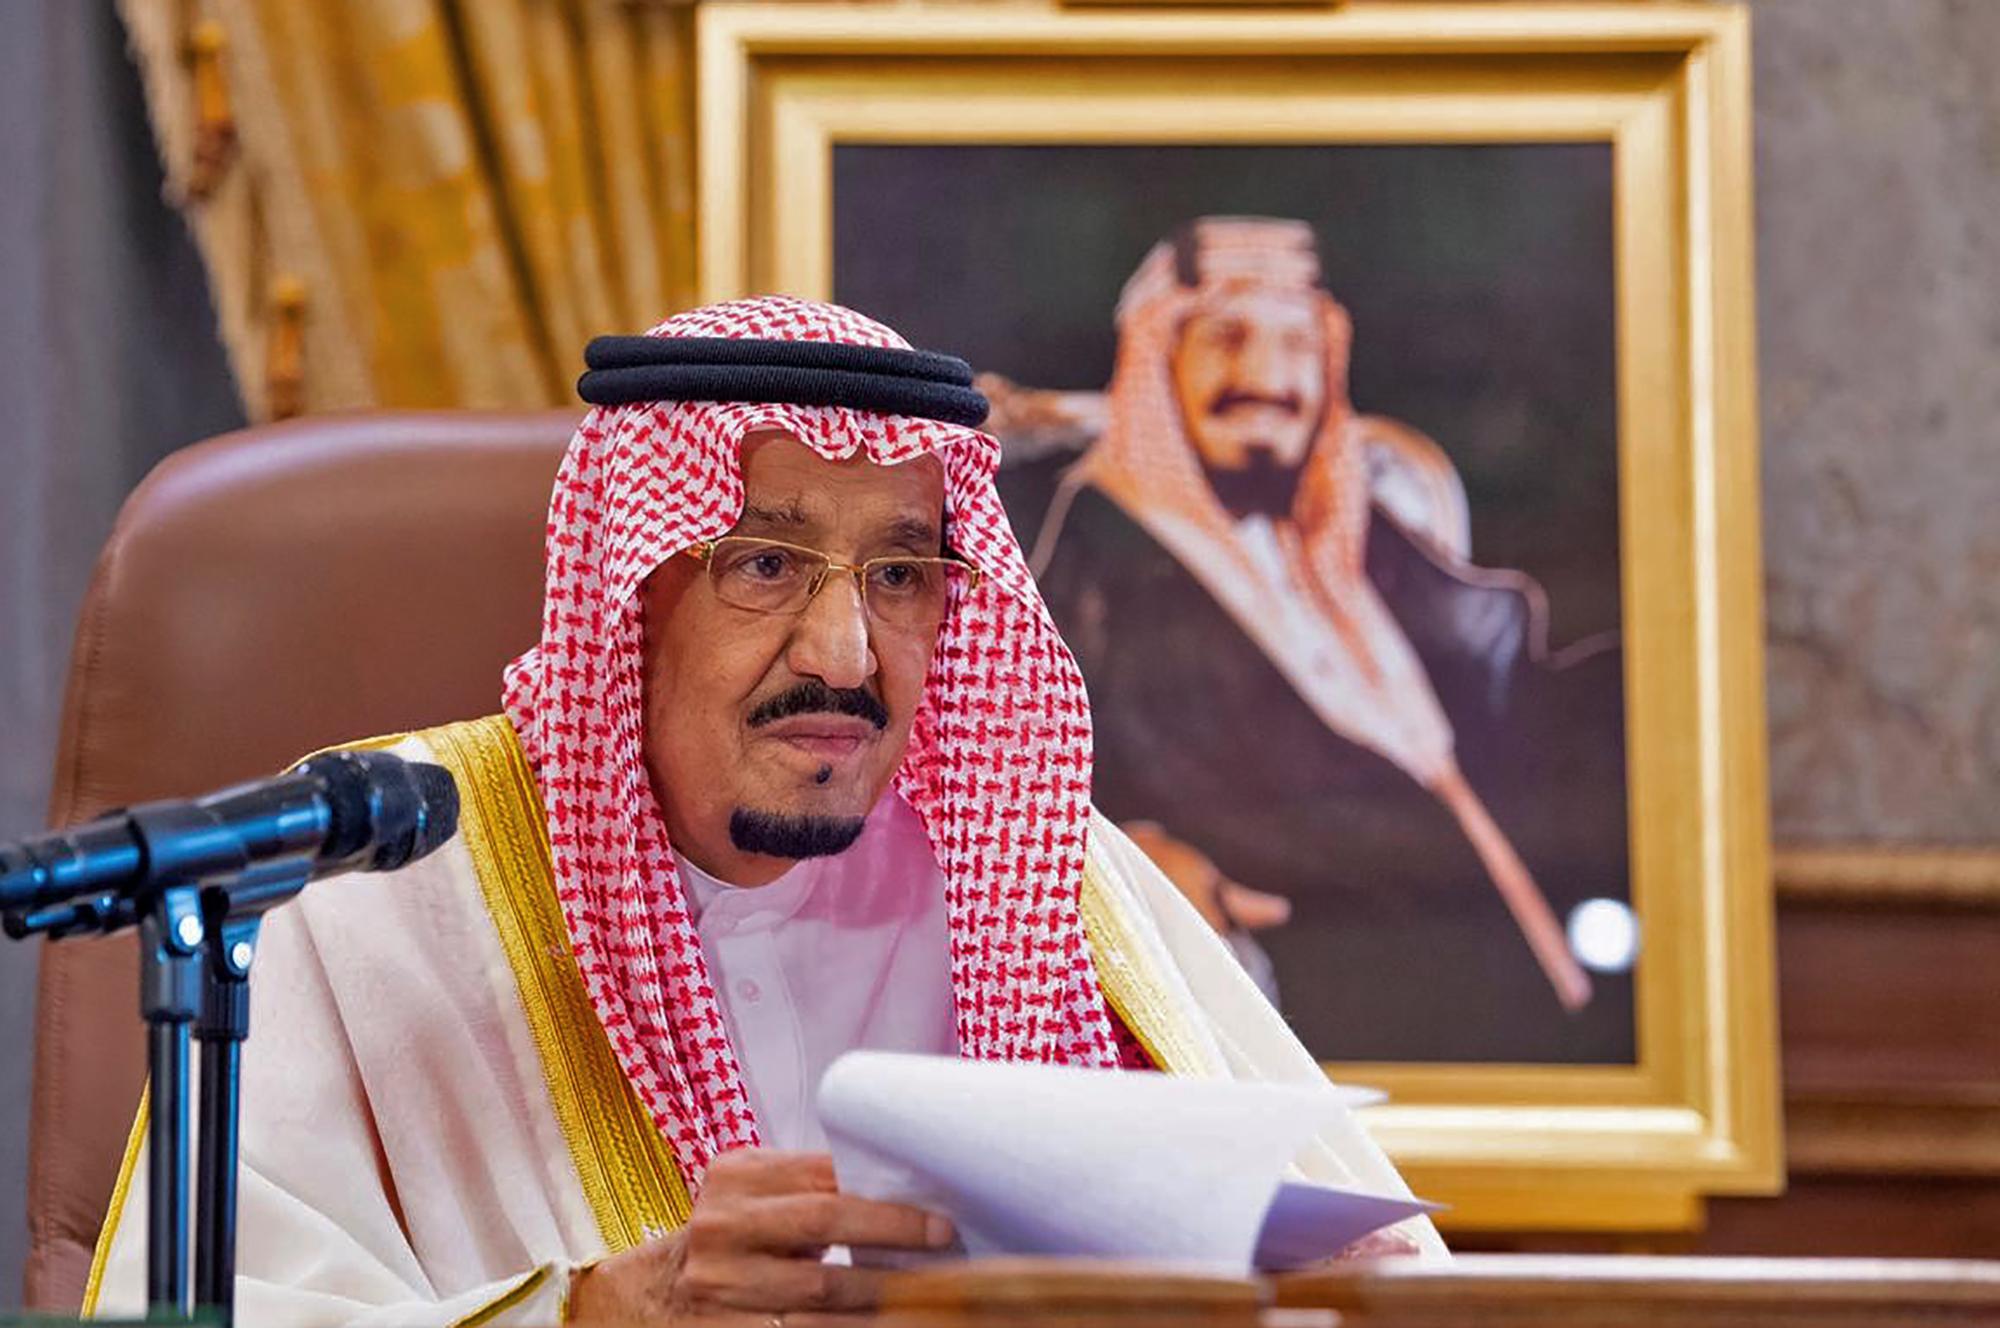 Megműtötték a szaúdi király epehólyagját